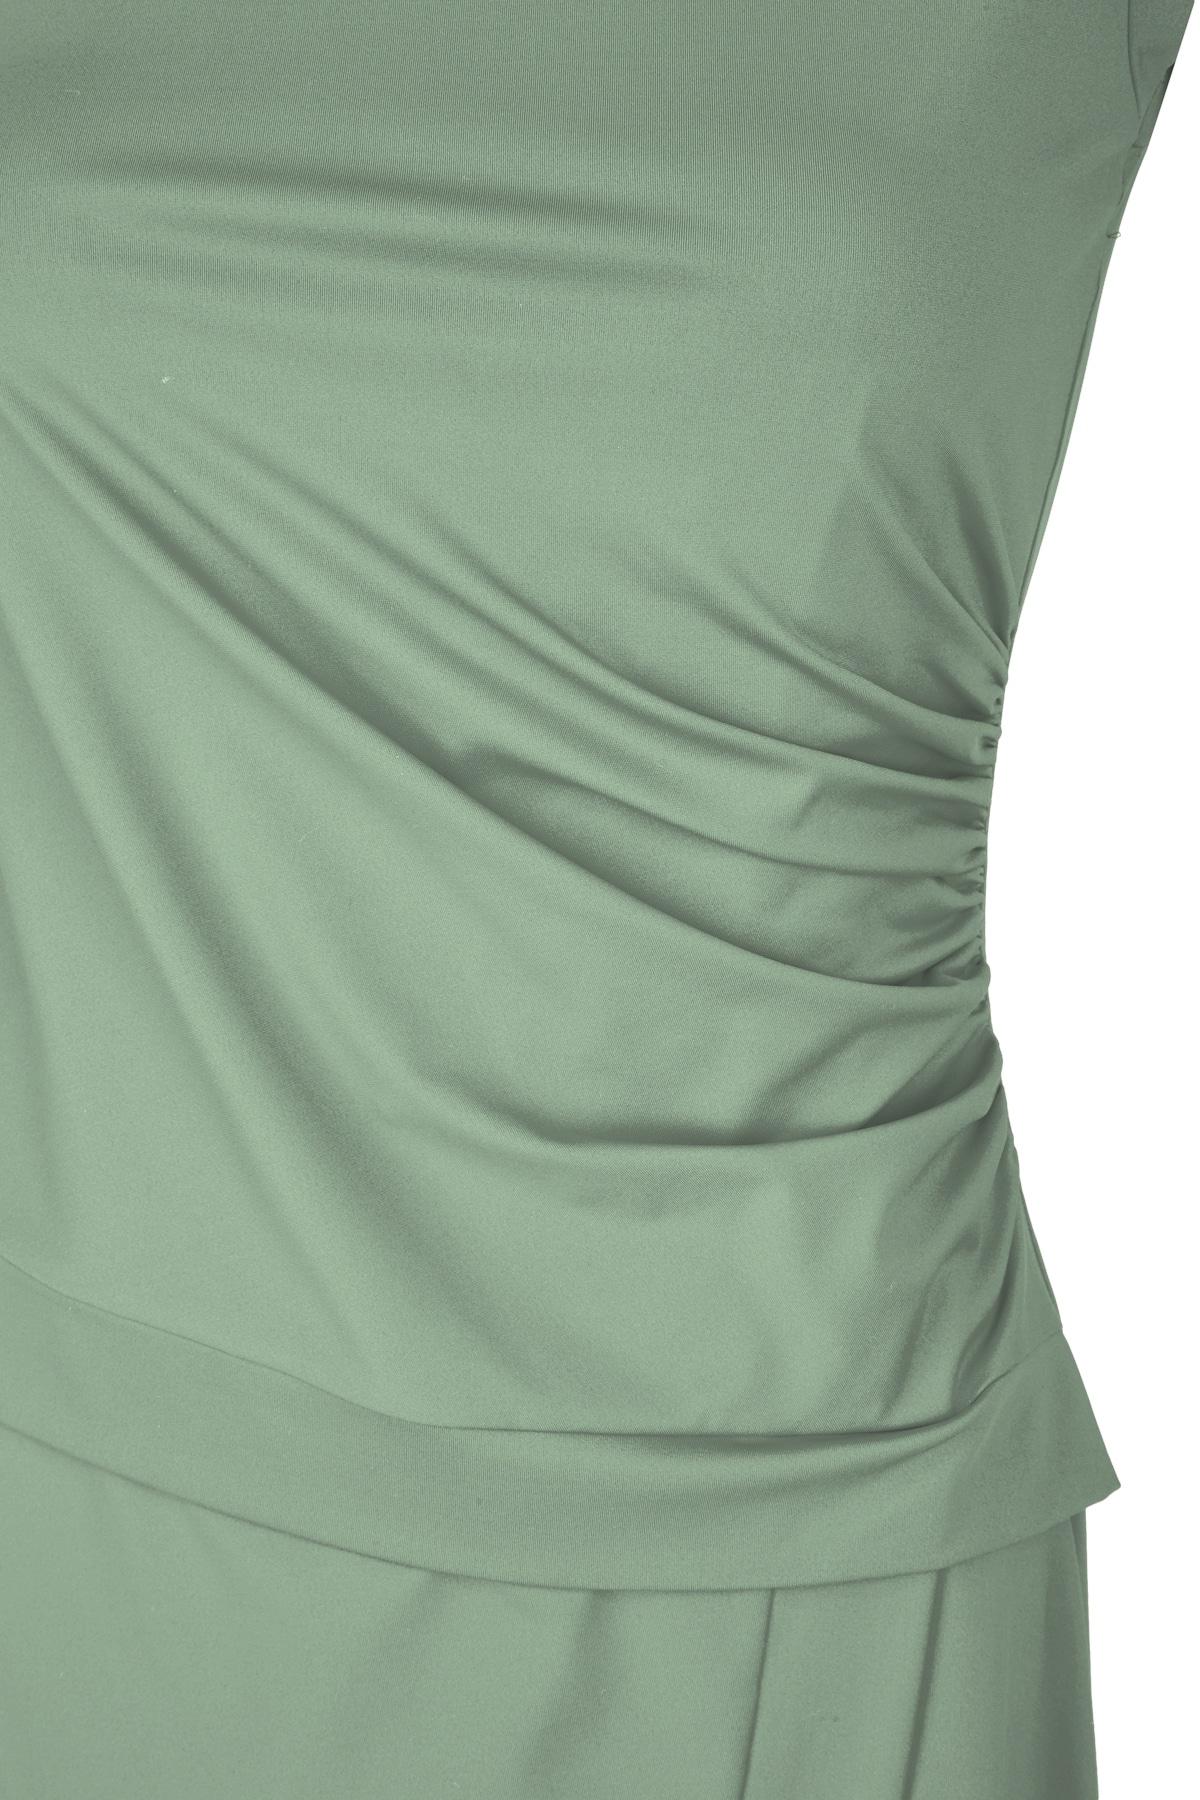 Kleid_Audrey 3 pastell grün